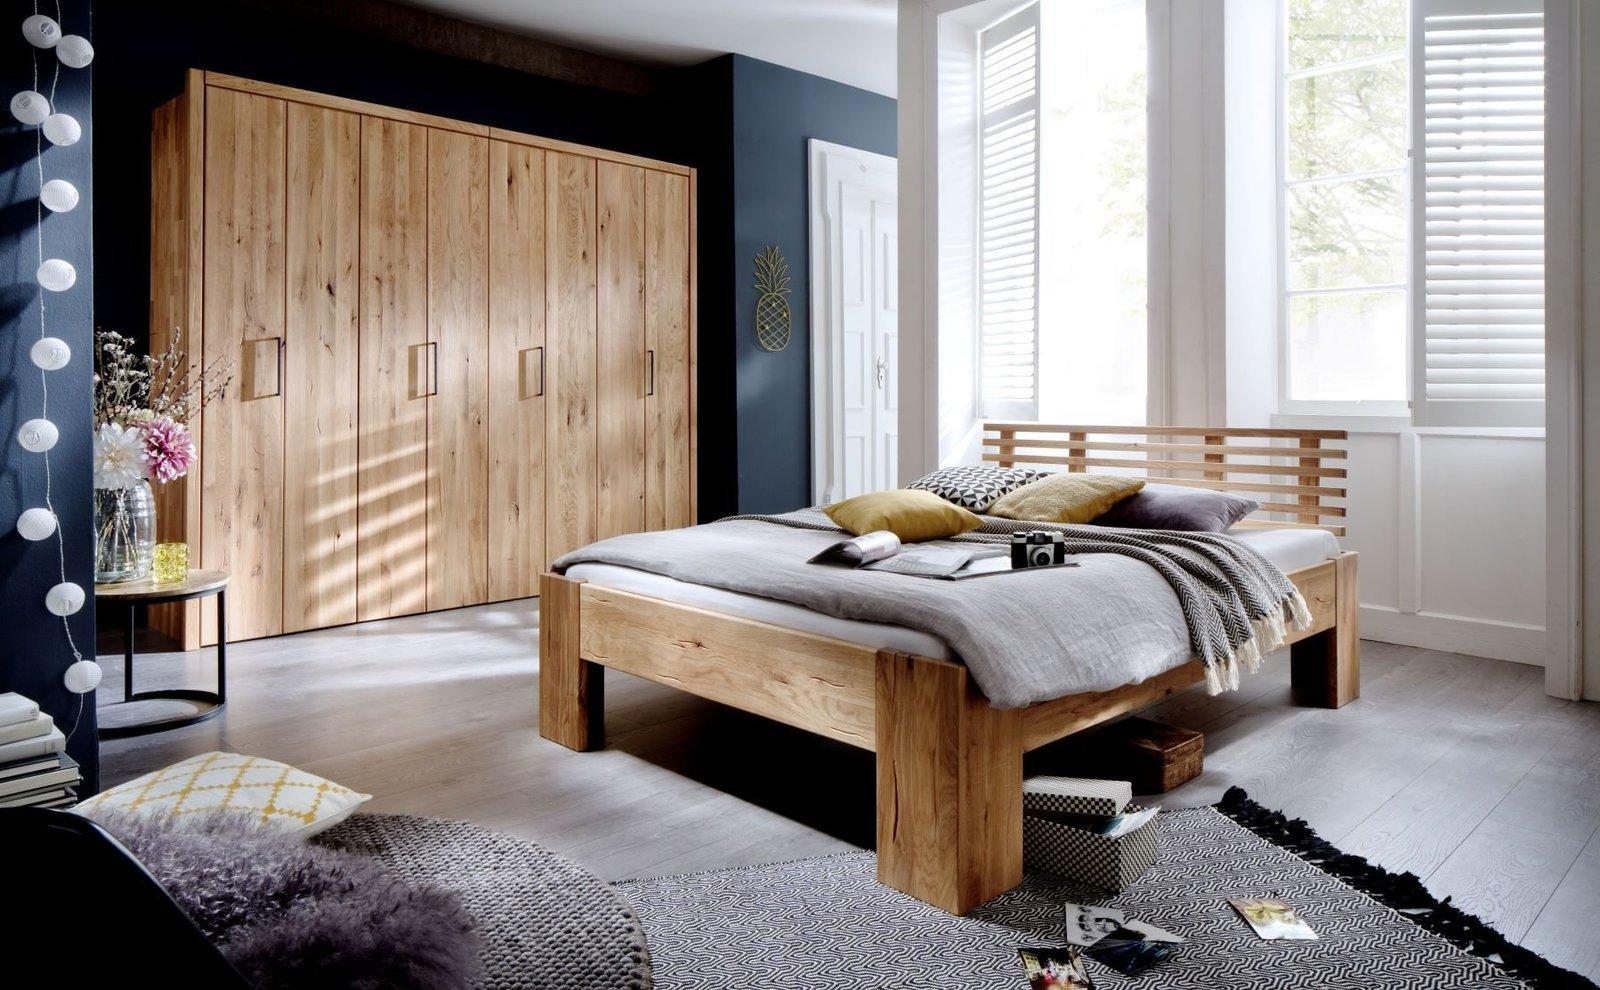 Schlafzimmer Doppelbett Wildeiche Massivholz Rödemis I, Bild 4